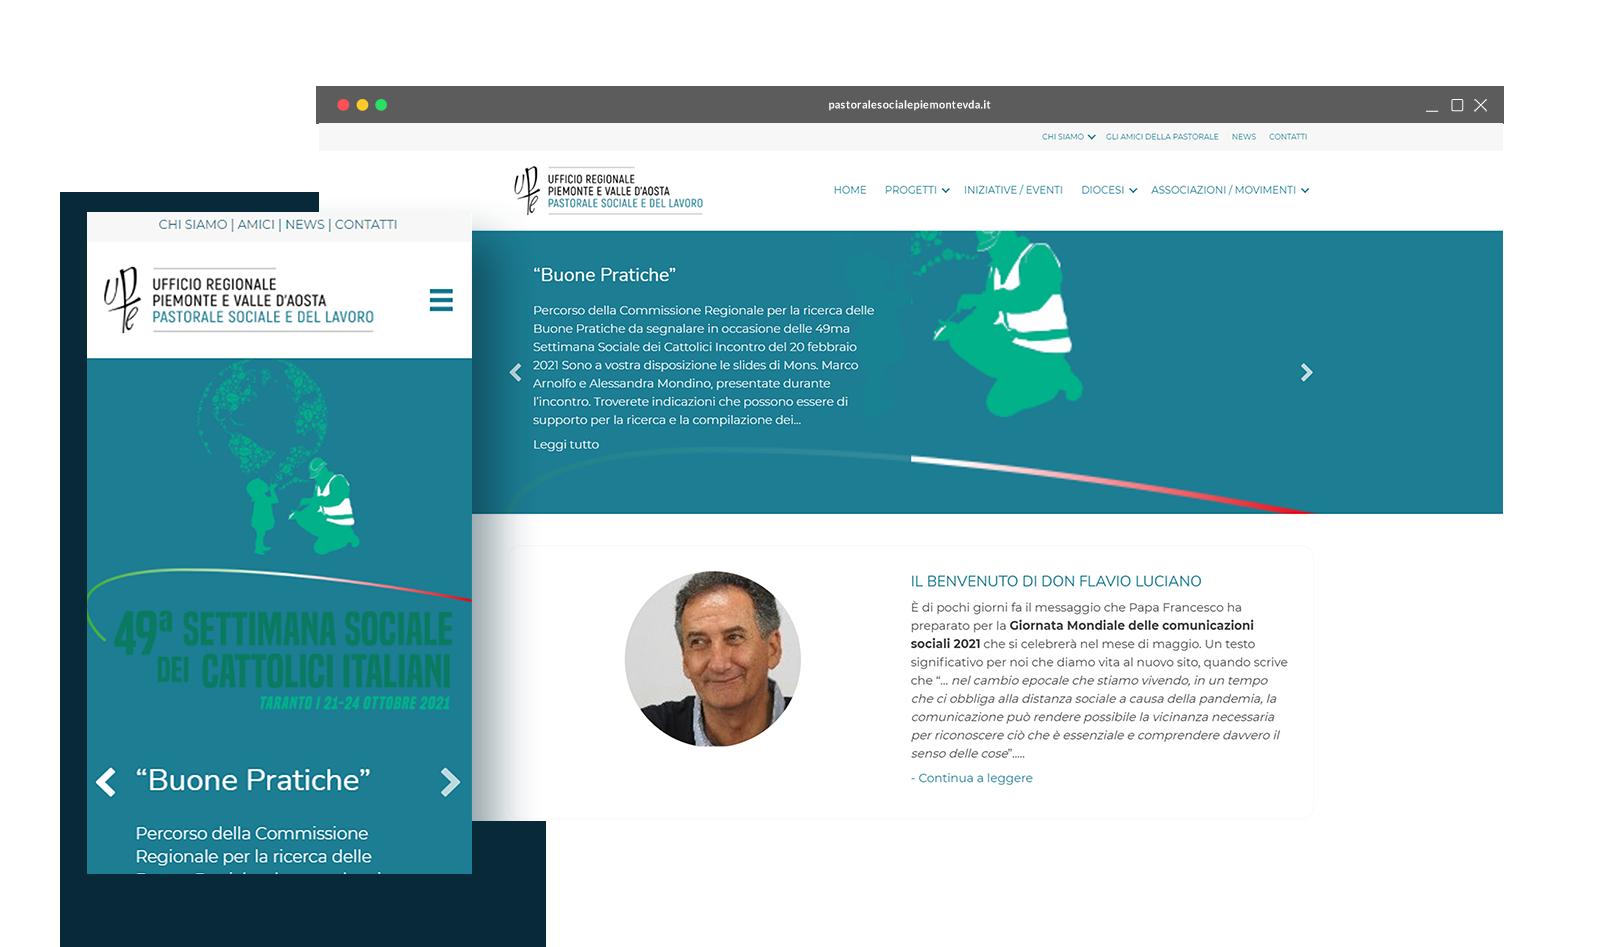 UFFICIO REGIONALE PIEMONTE E VALLE D'AOSTA PASTORALE SOCIALE E DEL LAVORO - Dispositivi - Logo - Tre Siti Web